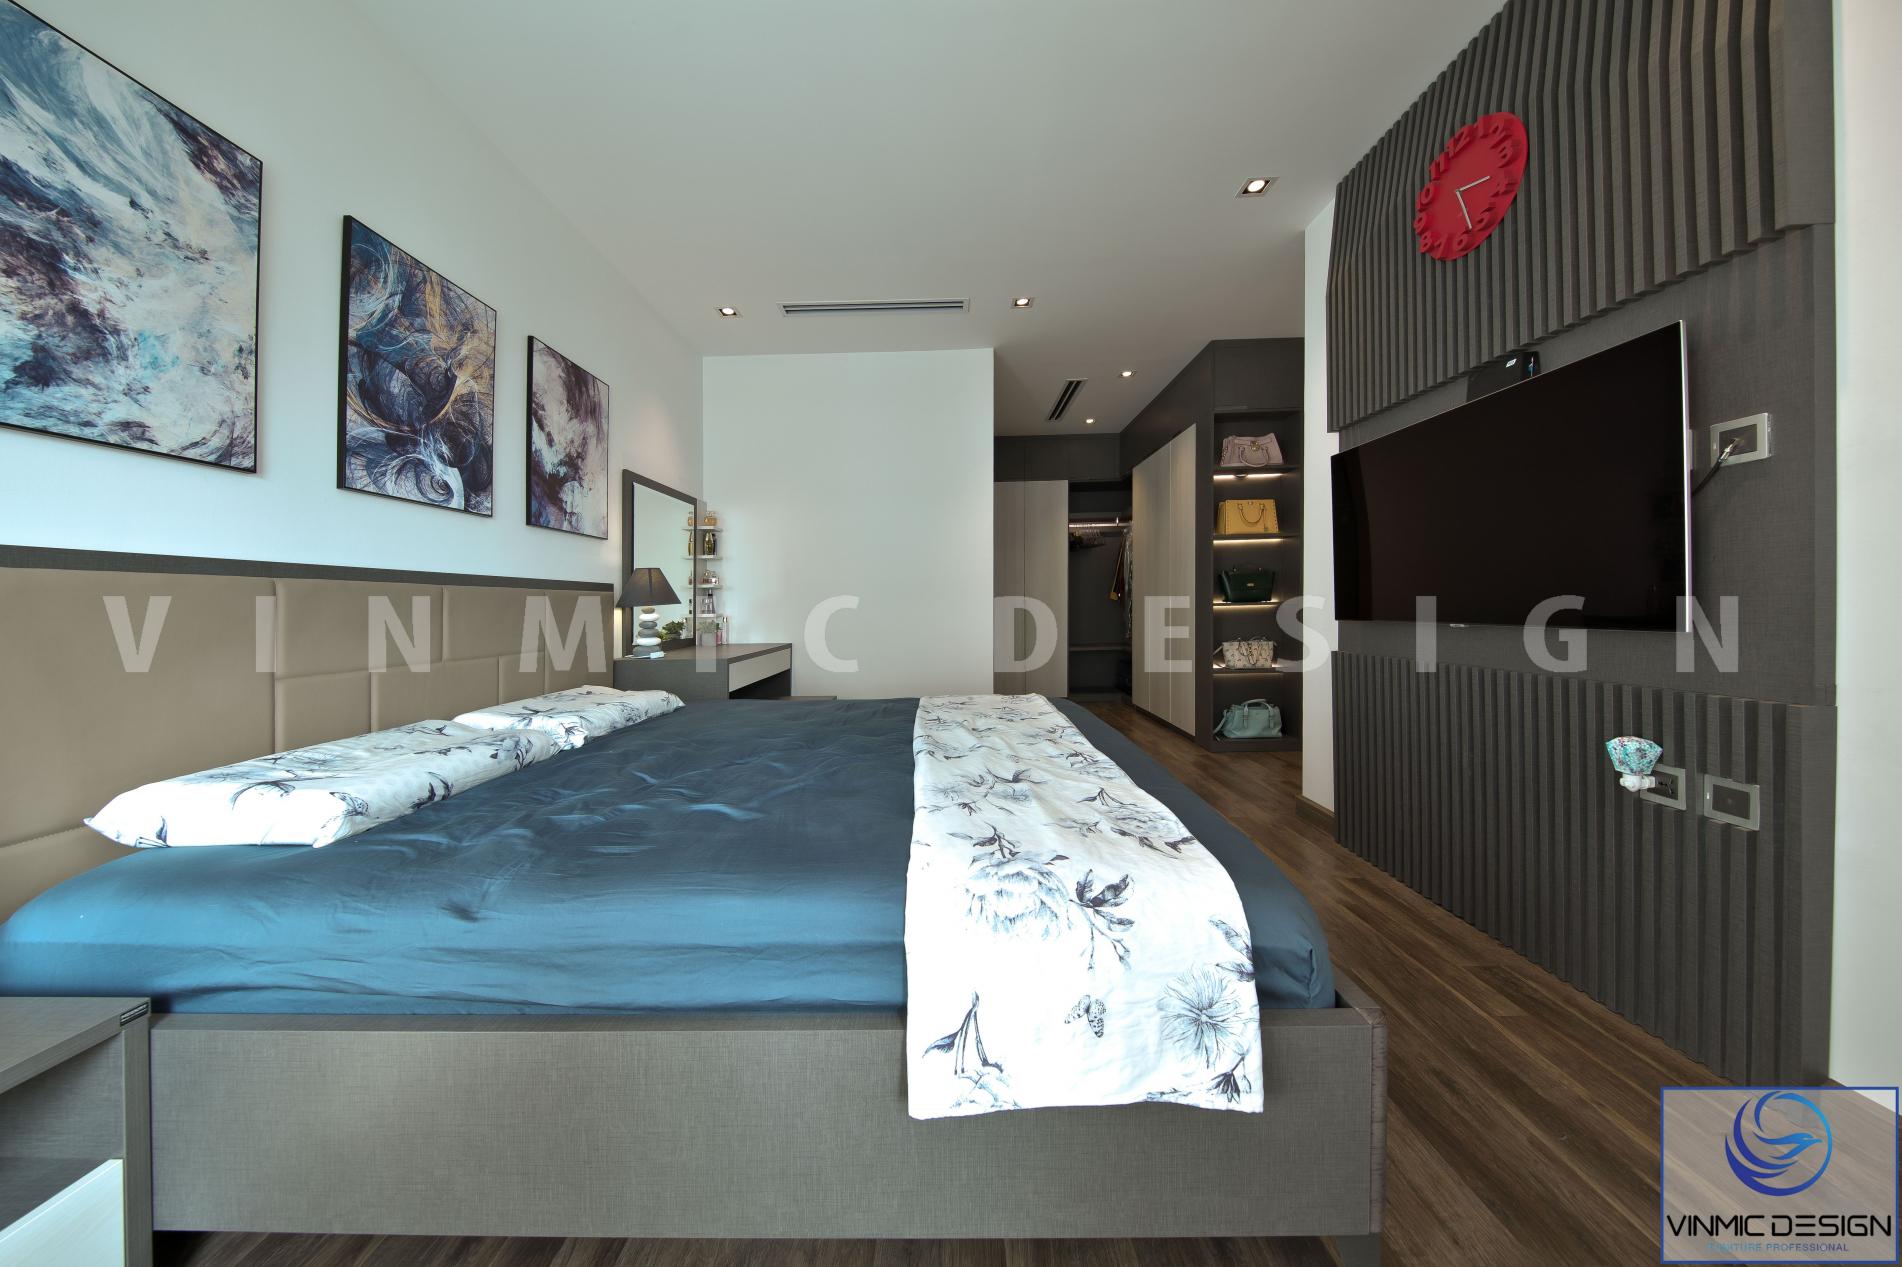 Thi công nội thất phòng ngủ master đẹp tại chung cư Imperia - Hà Nội